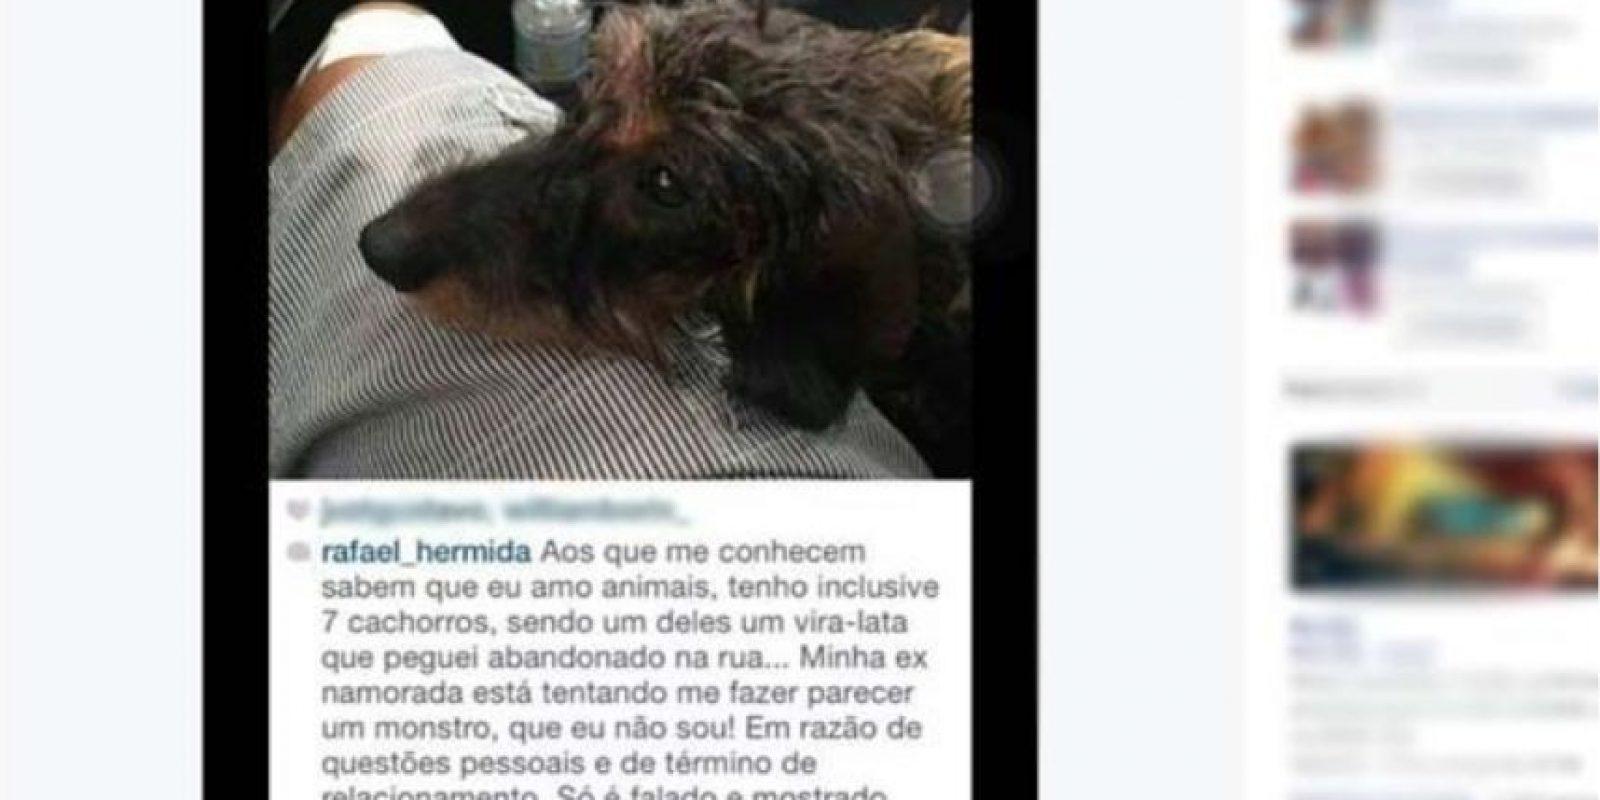 Dijo en un mensaje que tenía siete perros y que no los maltrataría. Foto:Instagram